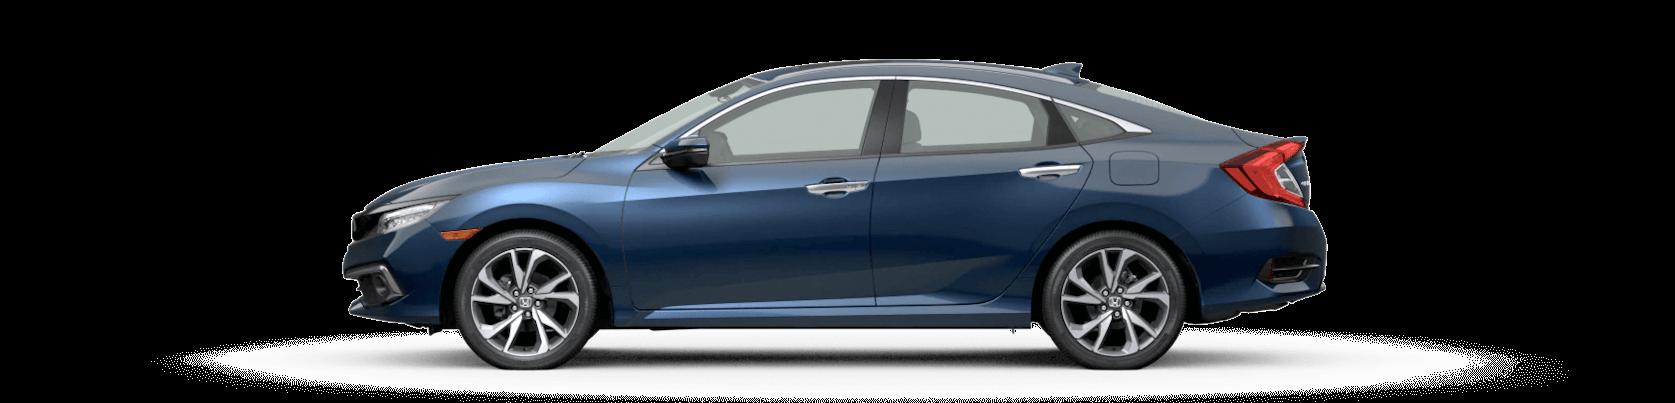 Honda Civic Sedan Awards Jellybean